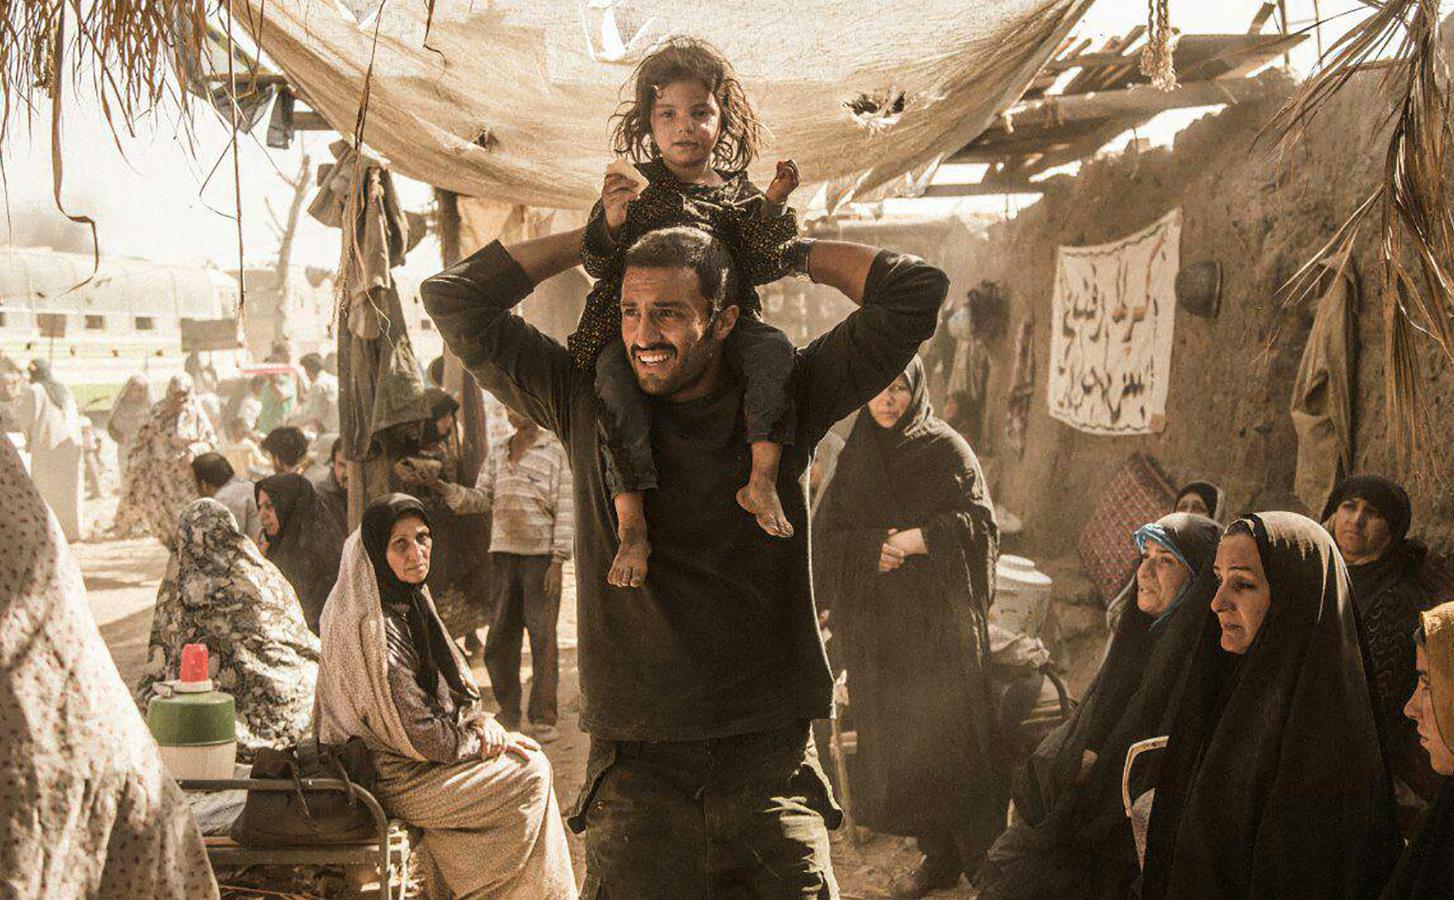 تنگه فراموش شده ابوقریب، بازگشت قهرمان ایرانی بر پرده سینما